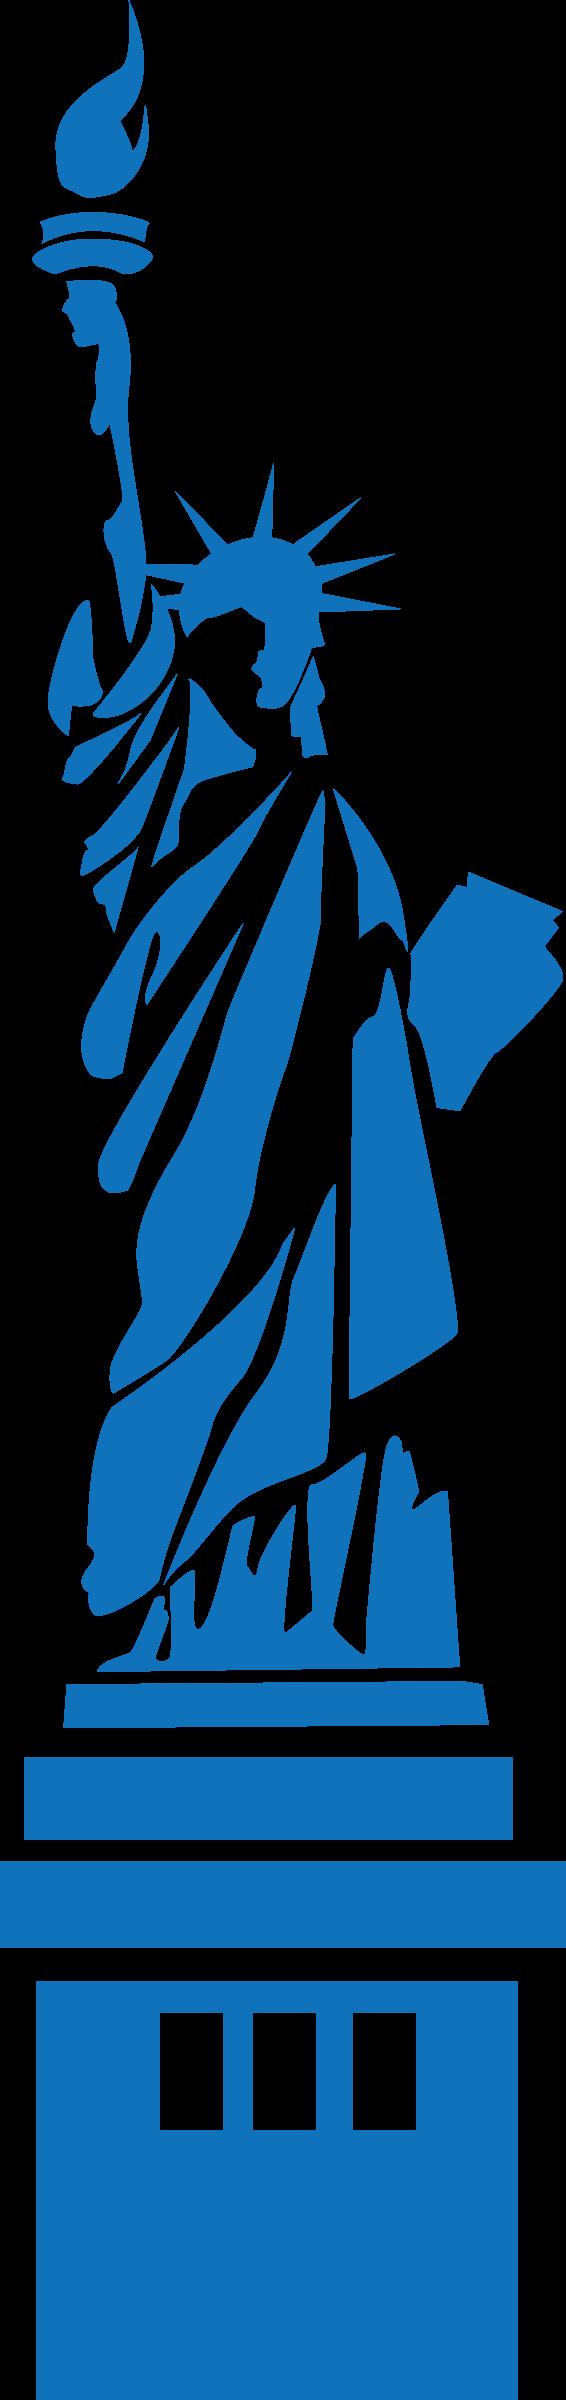 New york statue of. Clipart world landmarks